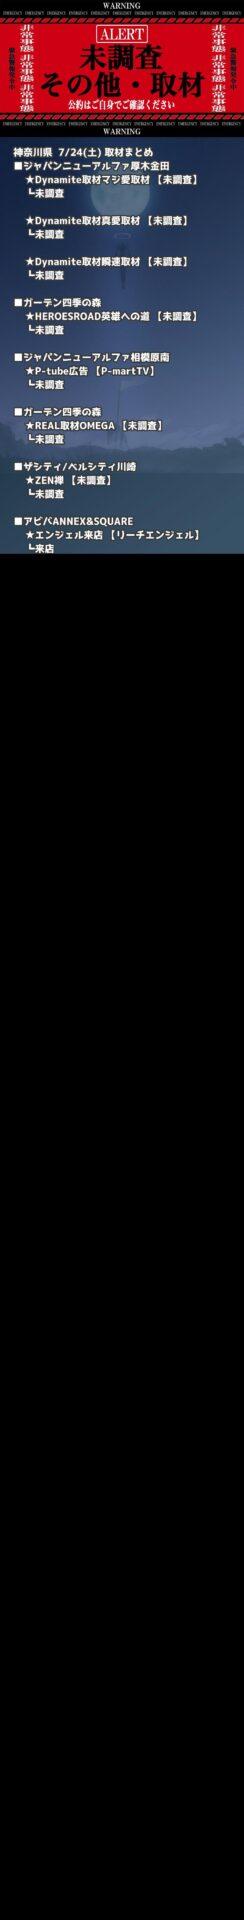 神奈川県_2021-07-24_未調査_パチンコ・パチスロ